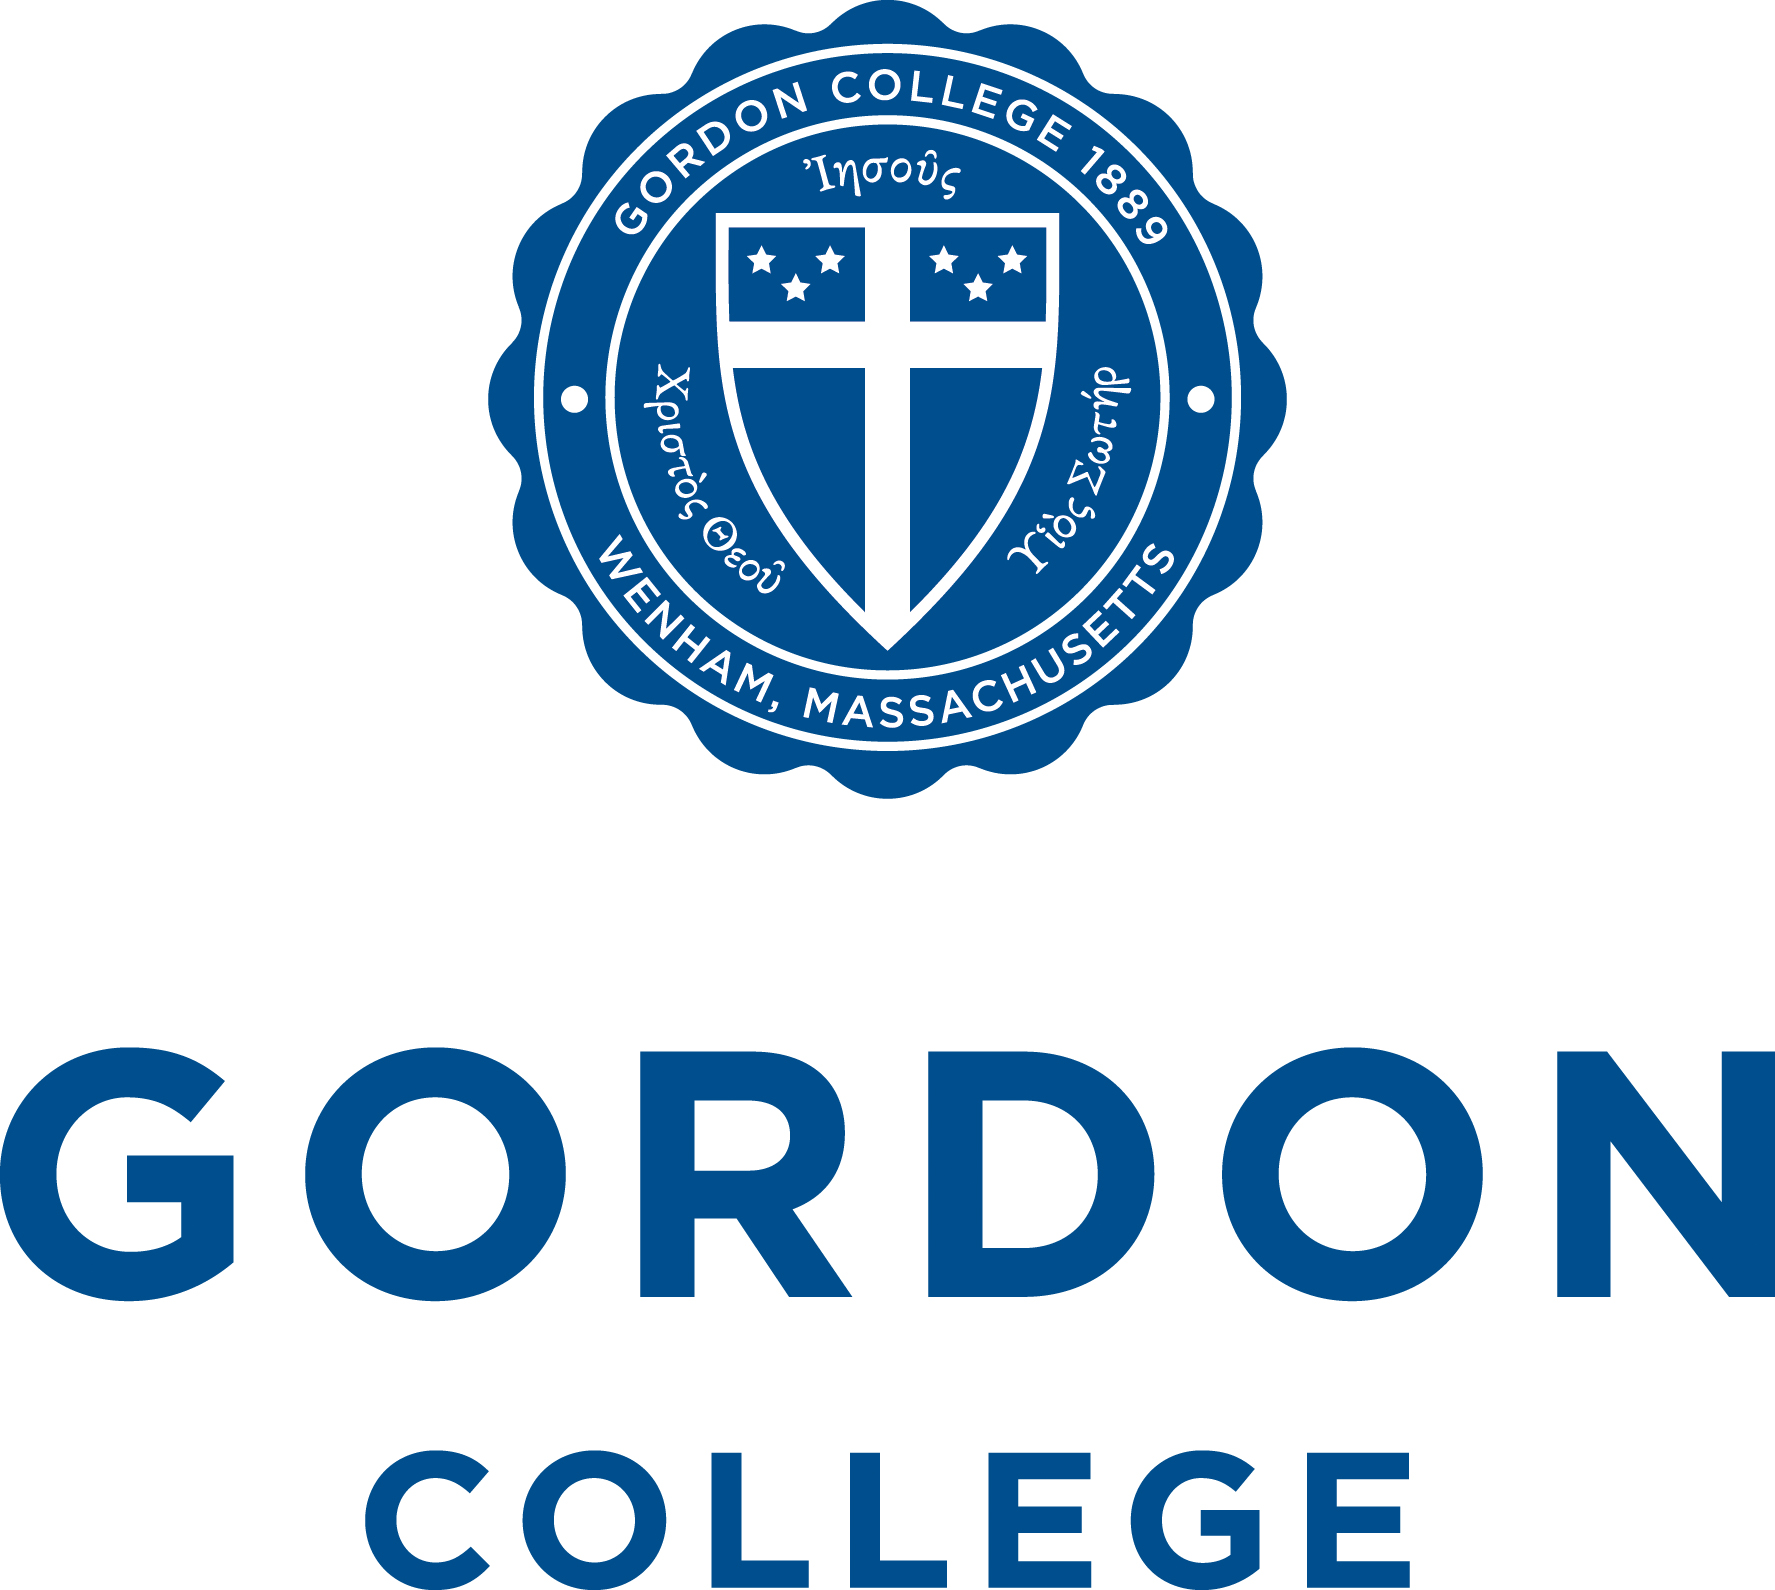 GordonCollege_logo_center_Blue.jpg